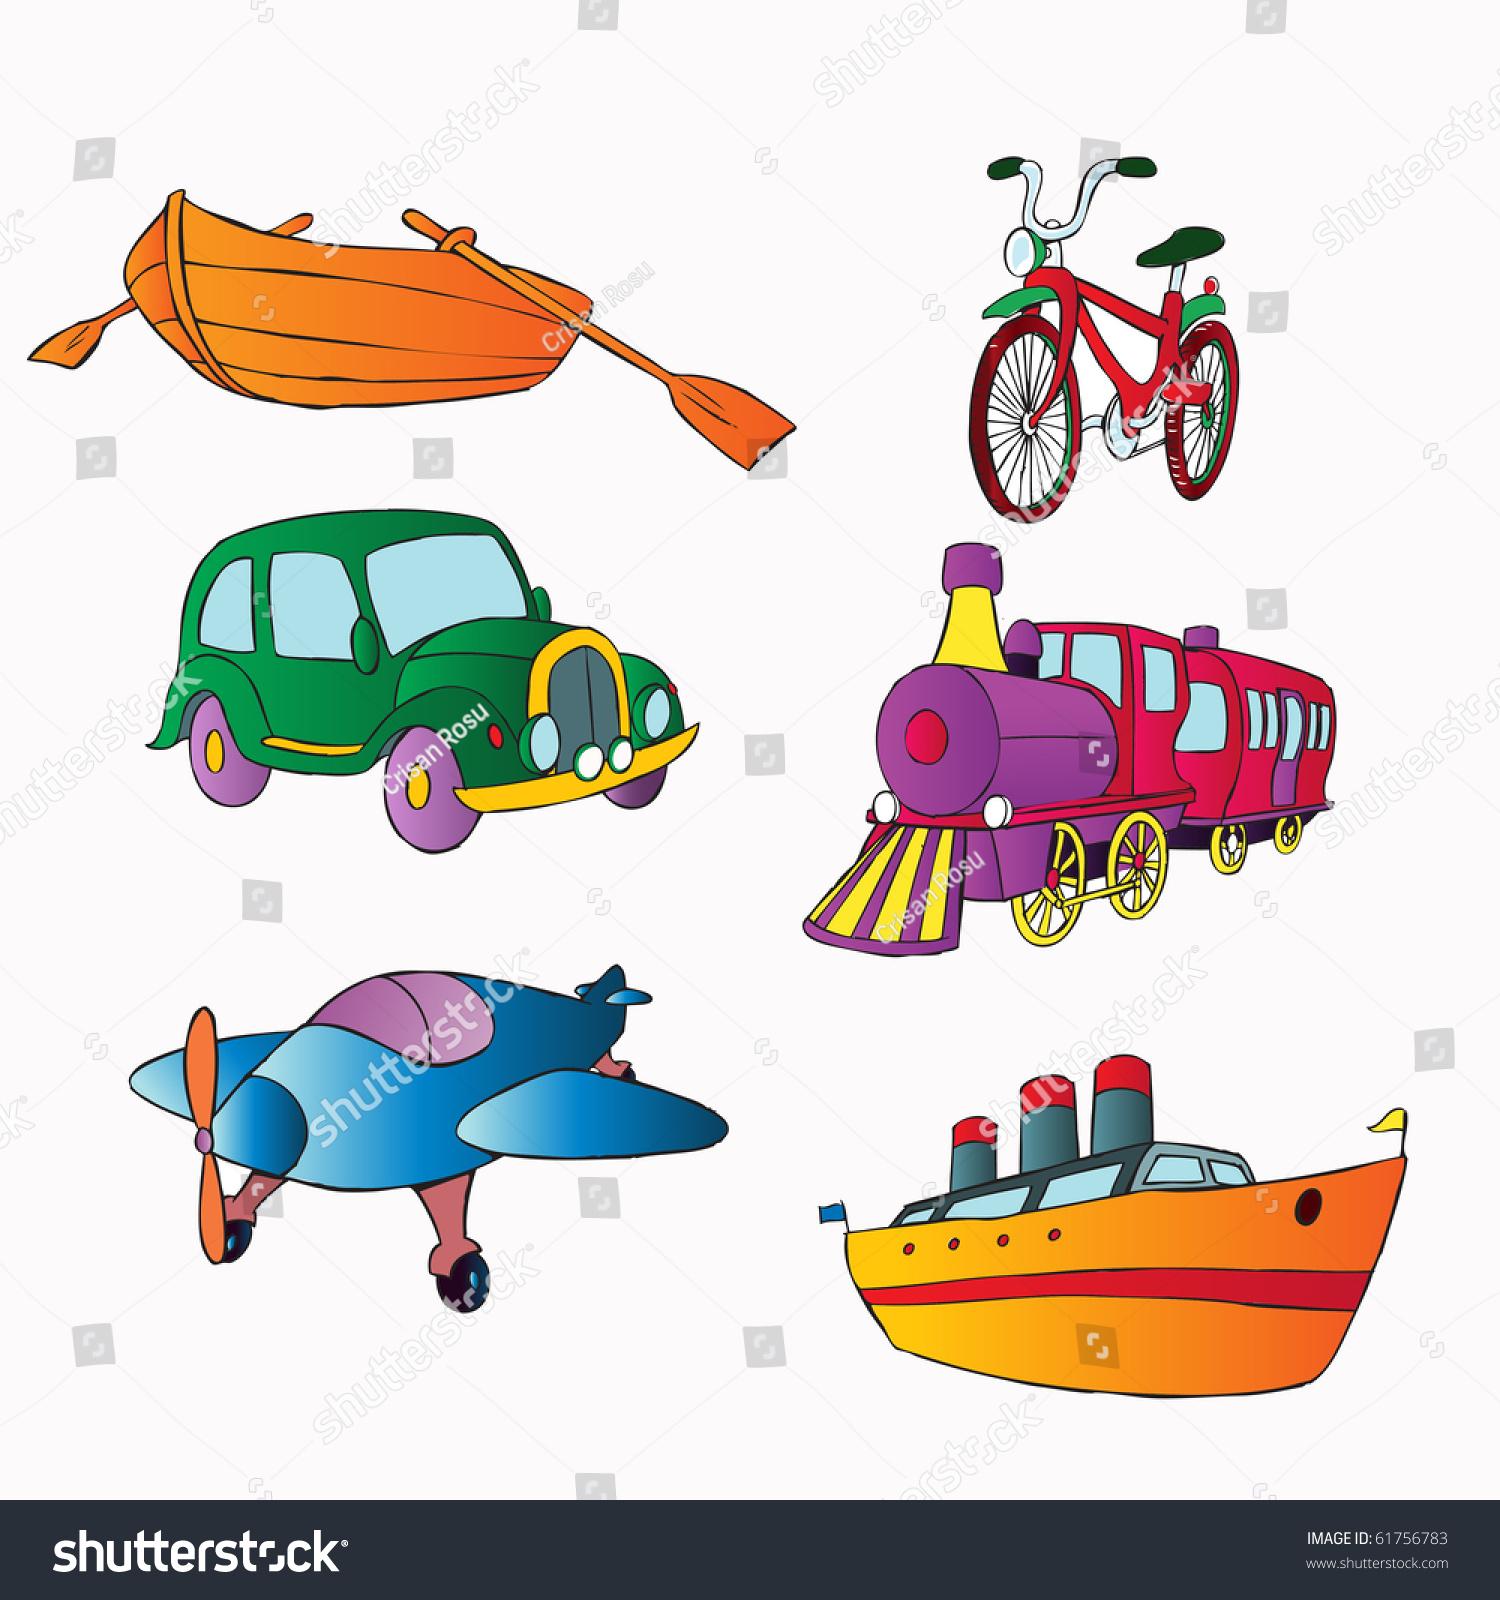 Vector Illustration Transportation Cartoon Concept